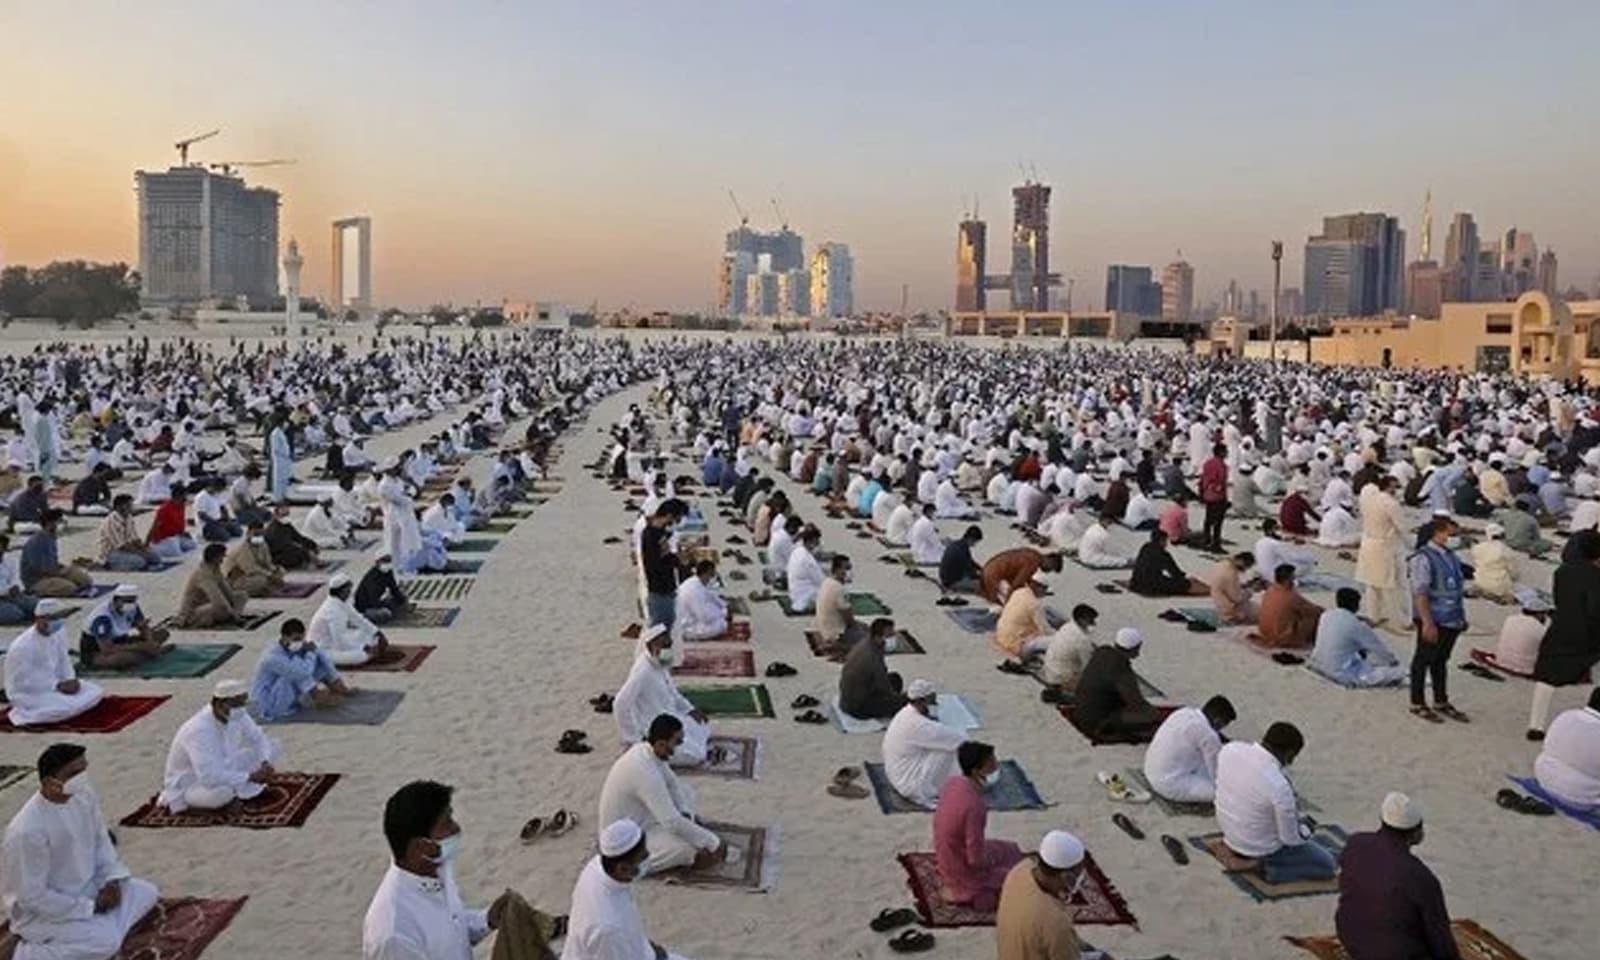 مساجد، عید گاہوں اور کھلے میدانوں میں نماز عید کے چھوٹے بڑے اجتماعات منعقد ہوئے—فوٹو: اے ایف پی